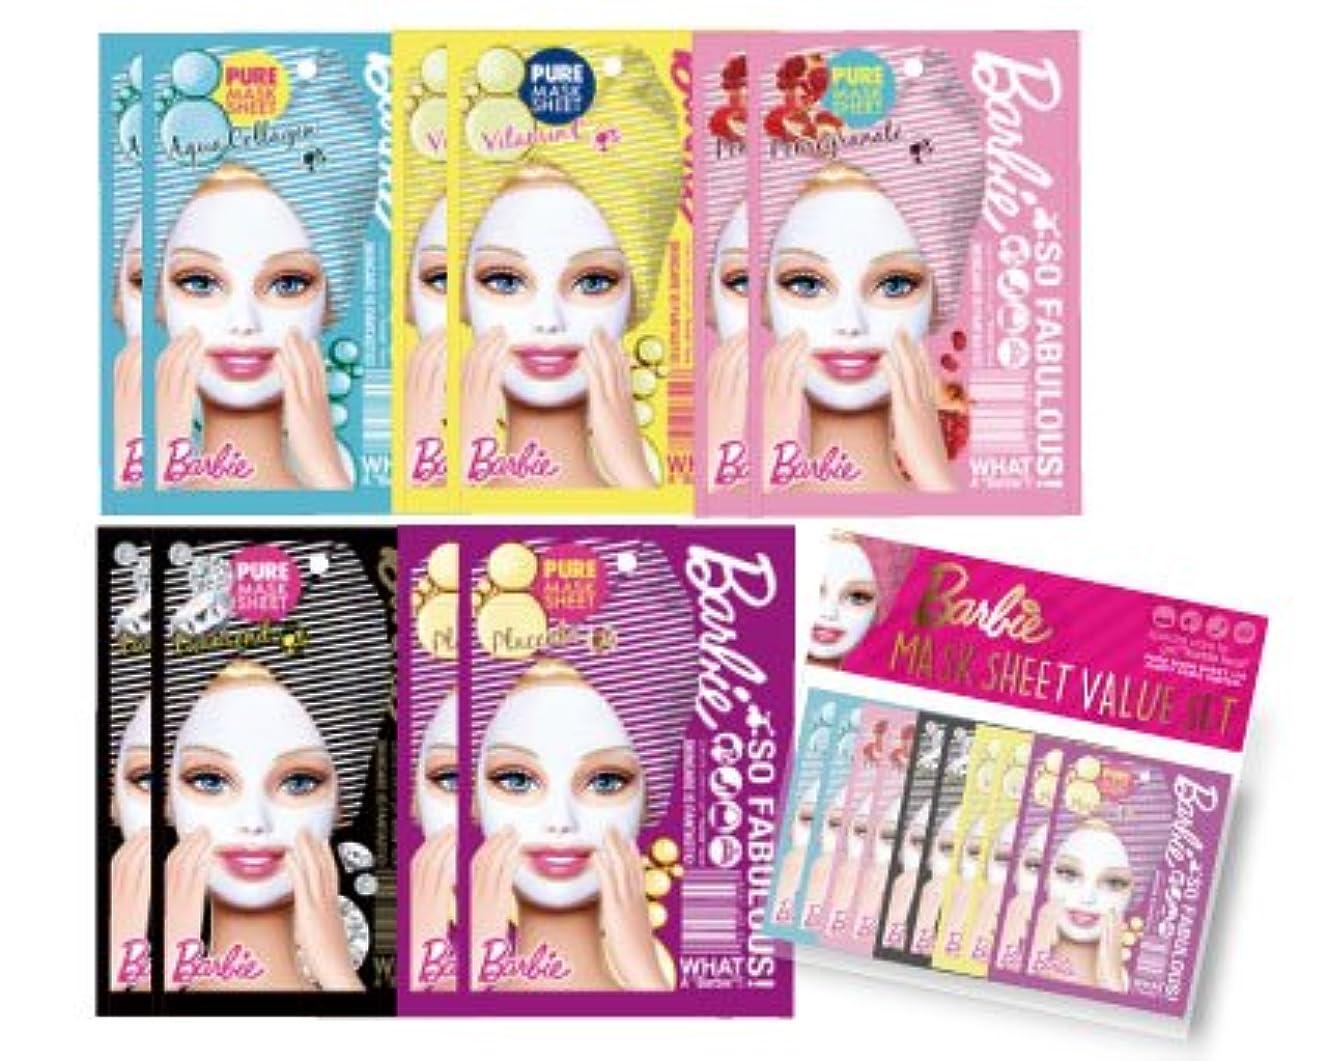 説明する非アクティブ二層ヒューマンリンク バービー (Barbie) フェイスマスク バリューセット 25ml×10枚入り (コラーゲン/ビタミンC/ポメグラネート/ダイアモンド/プラセンタ) 顔 シートマスク [保湿/うるおい/キメ/透明感/...